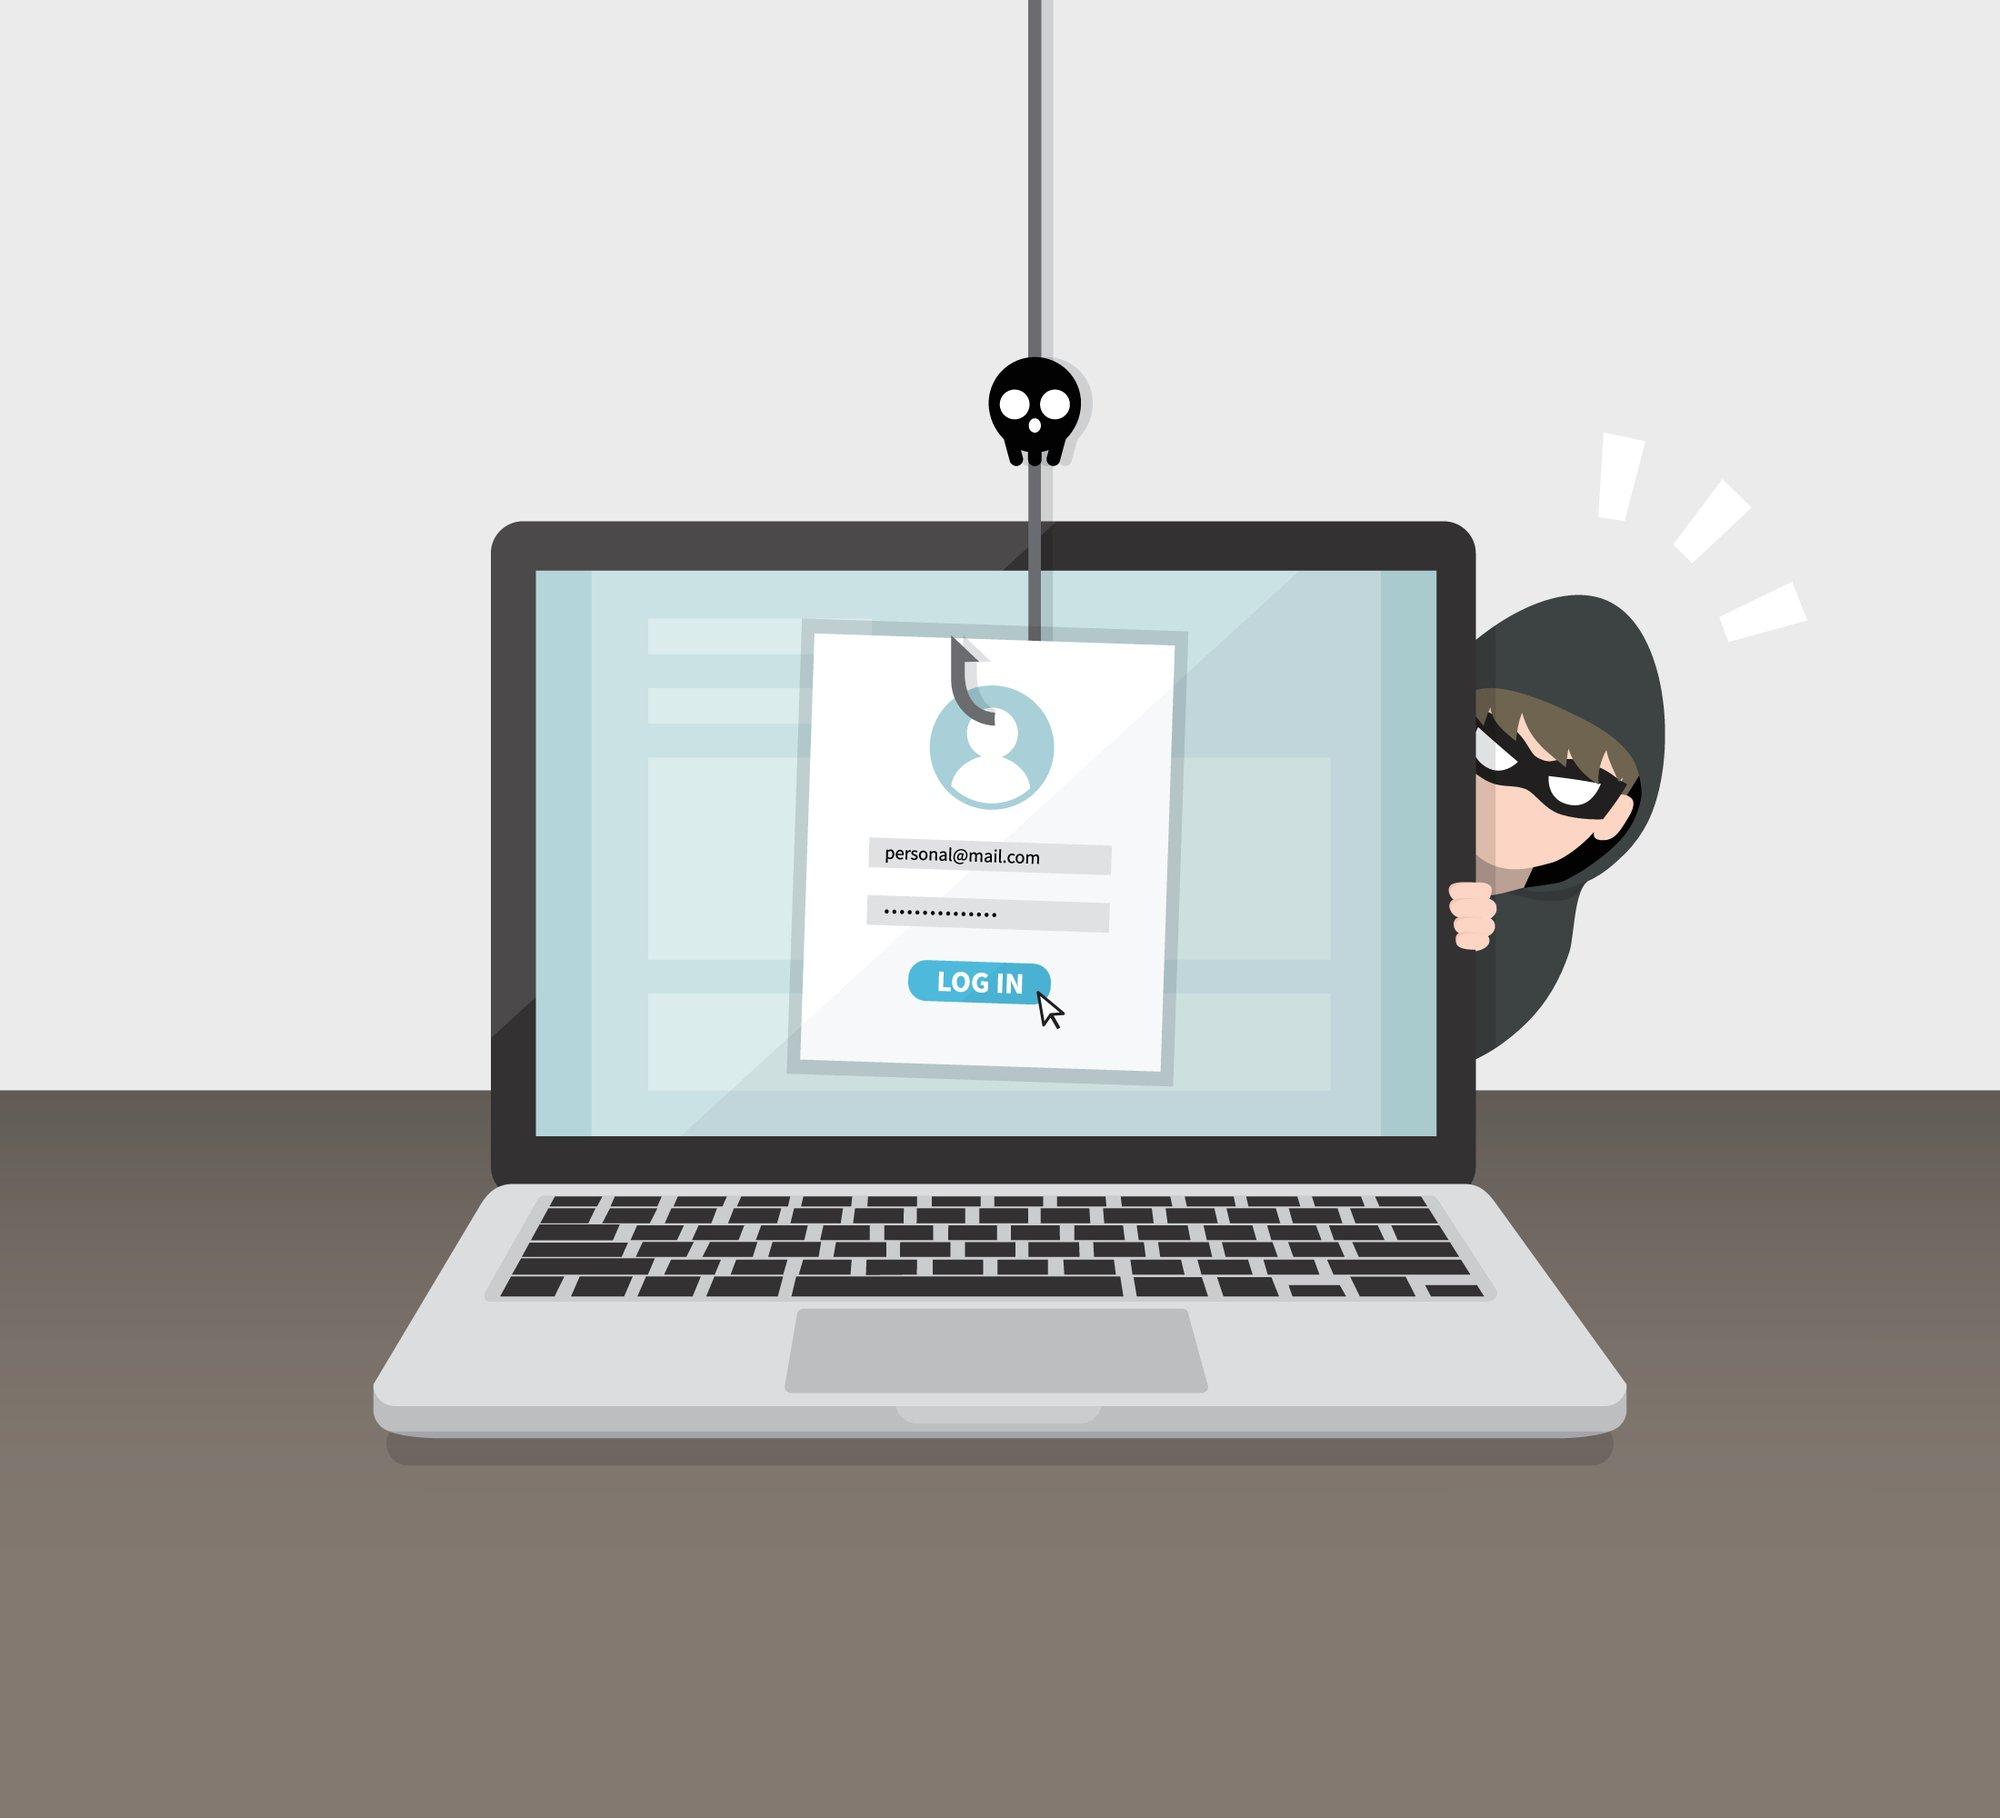 Waarom hacken hackers?